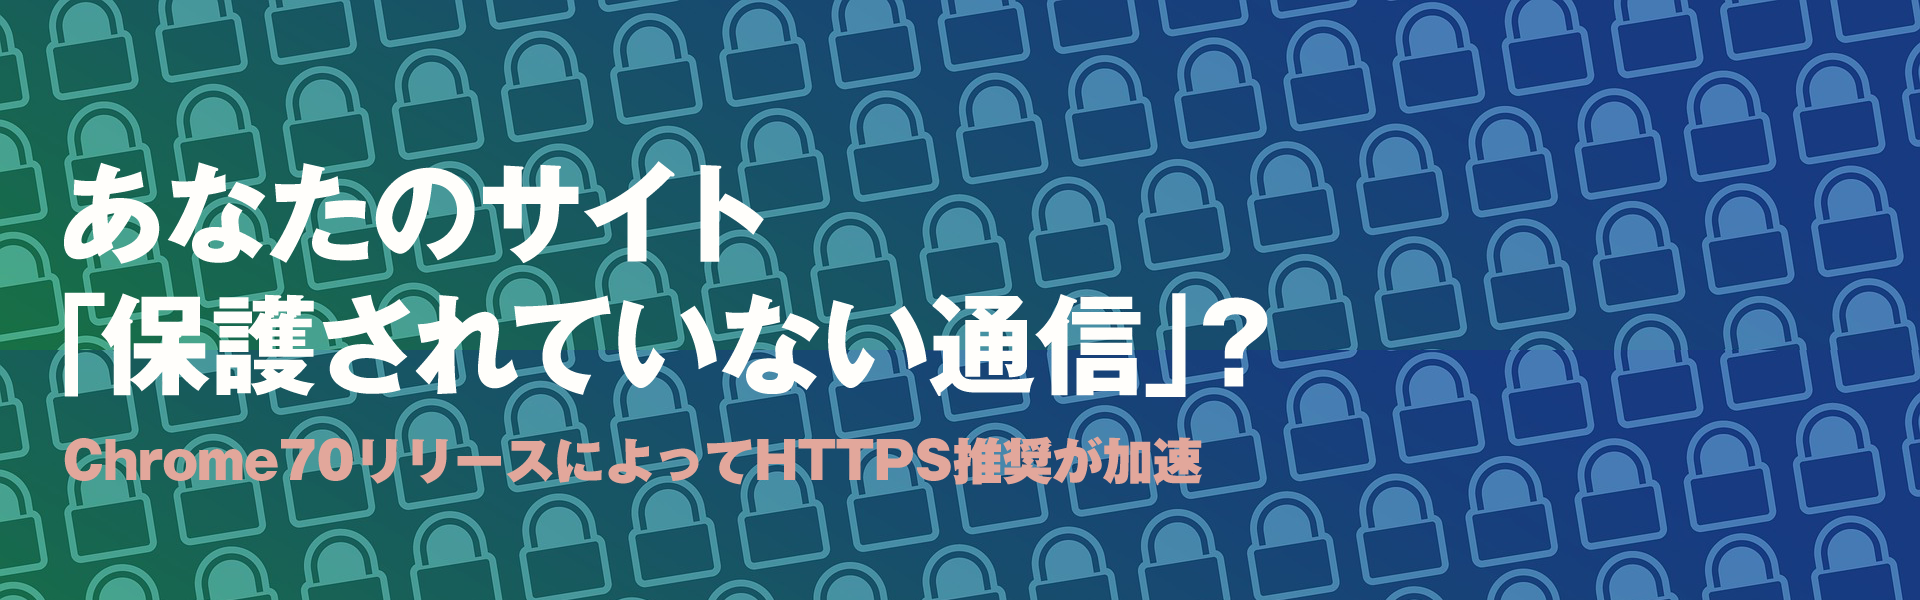 サイトは保護されていない通信?